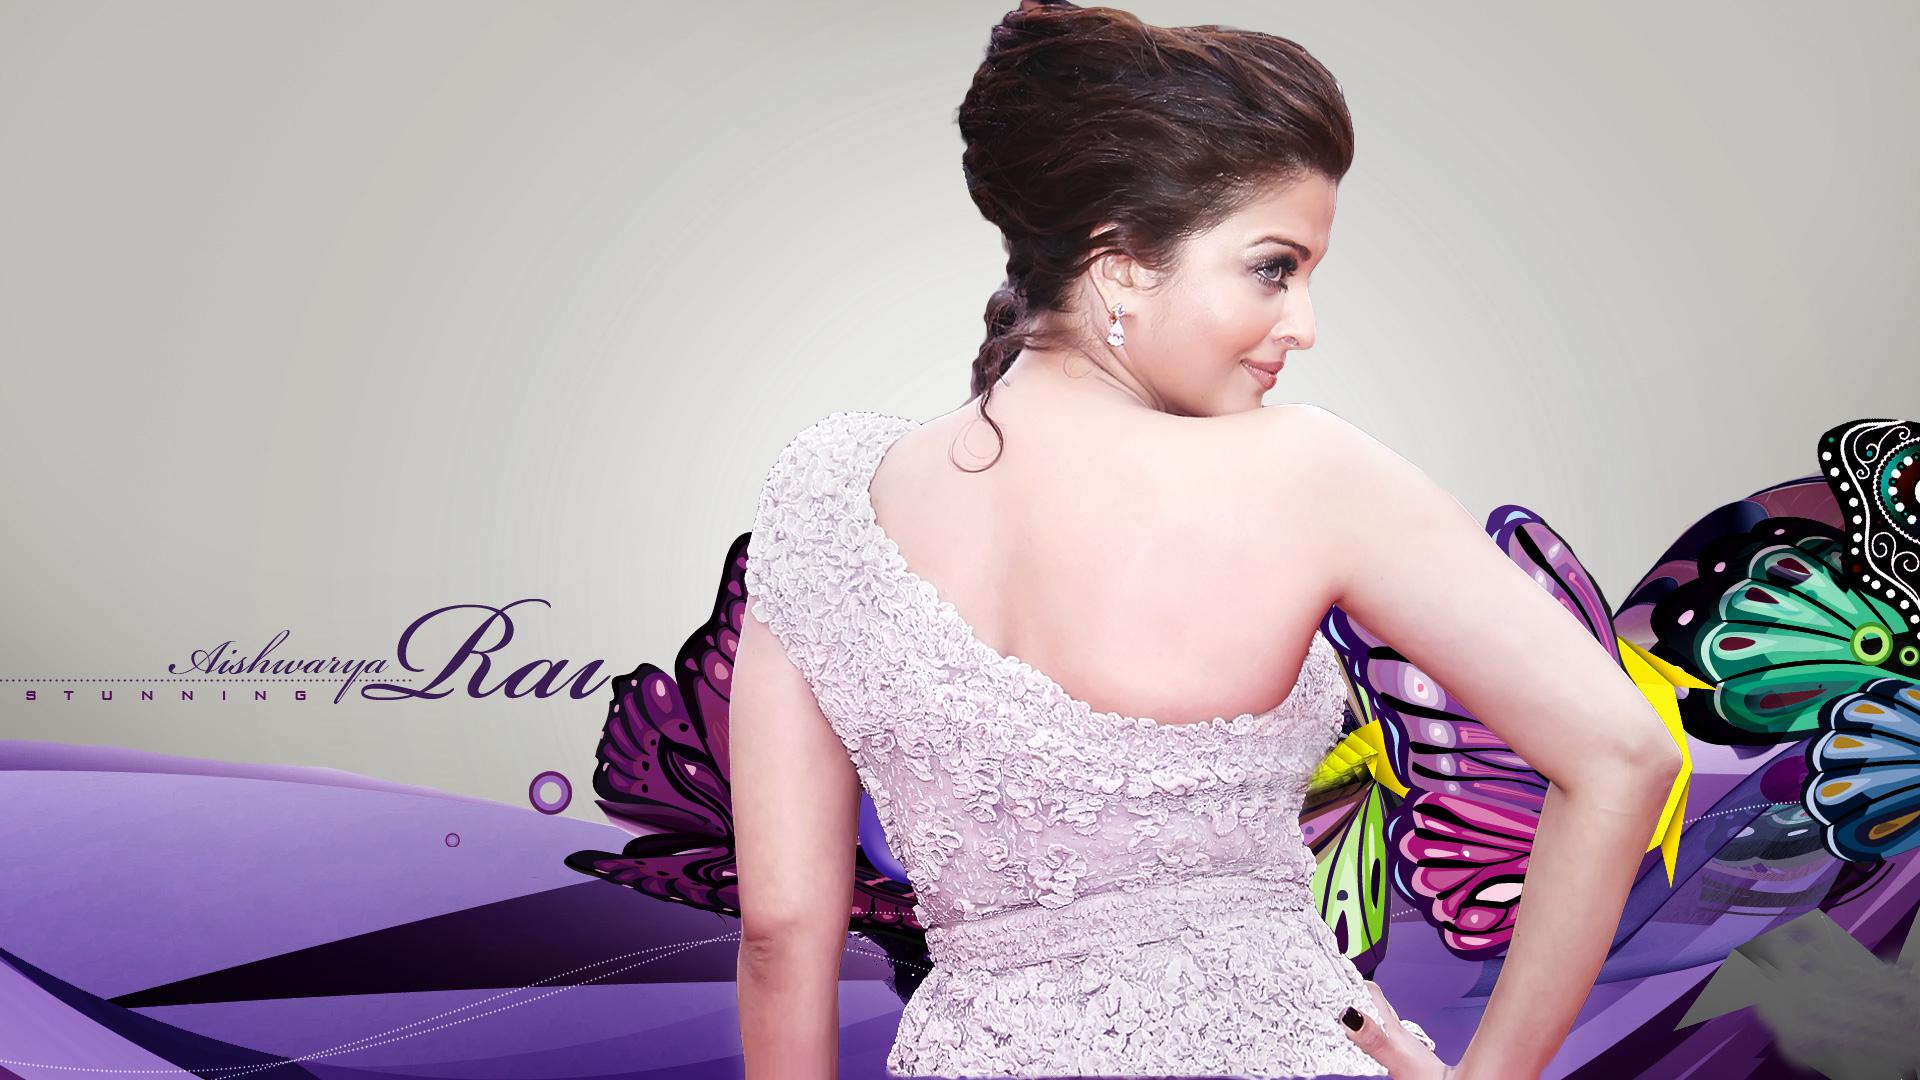 Aishwarya Rai Hot Look In Back Side Pics